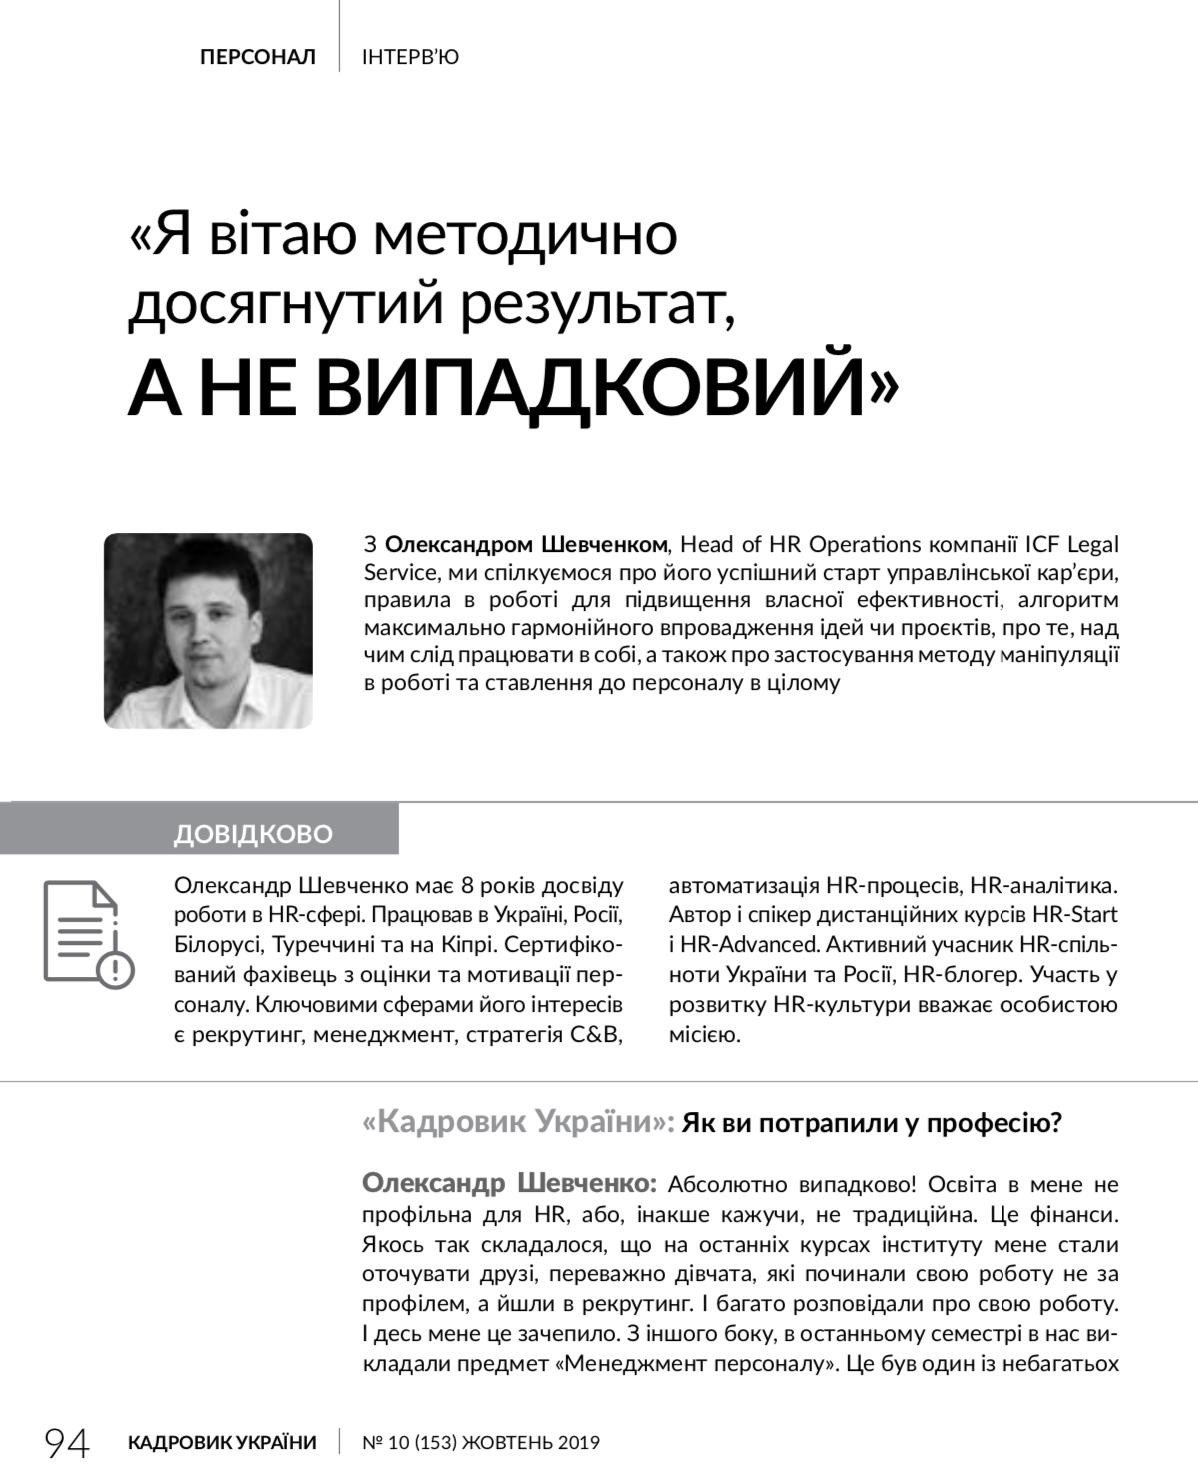 Интервью с Директором по персоналу, Стефановская Станислава, Александр Шевченко